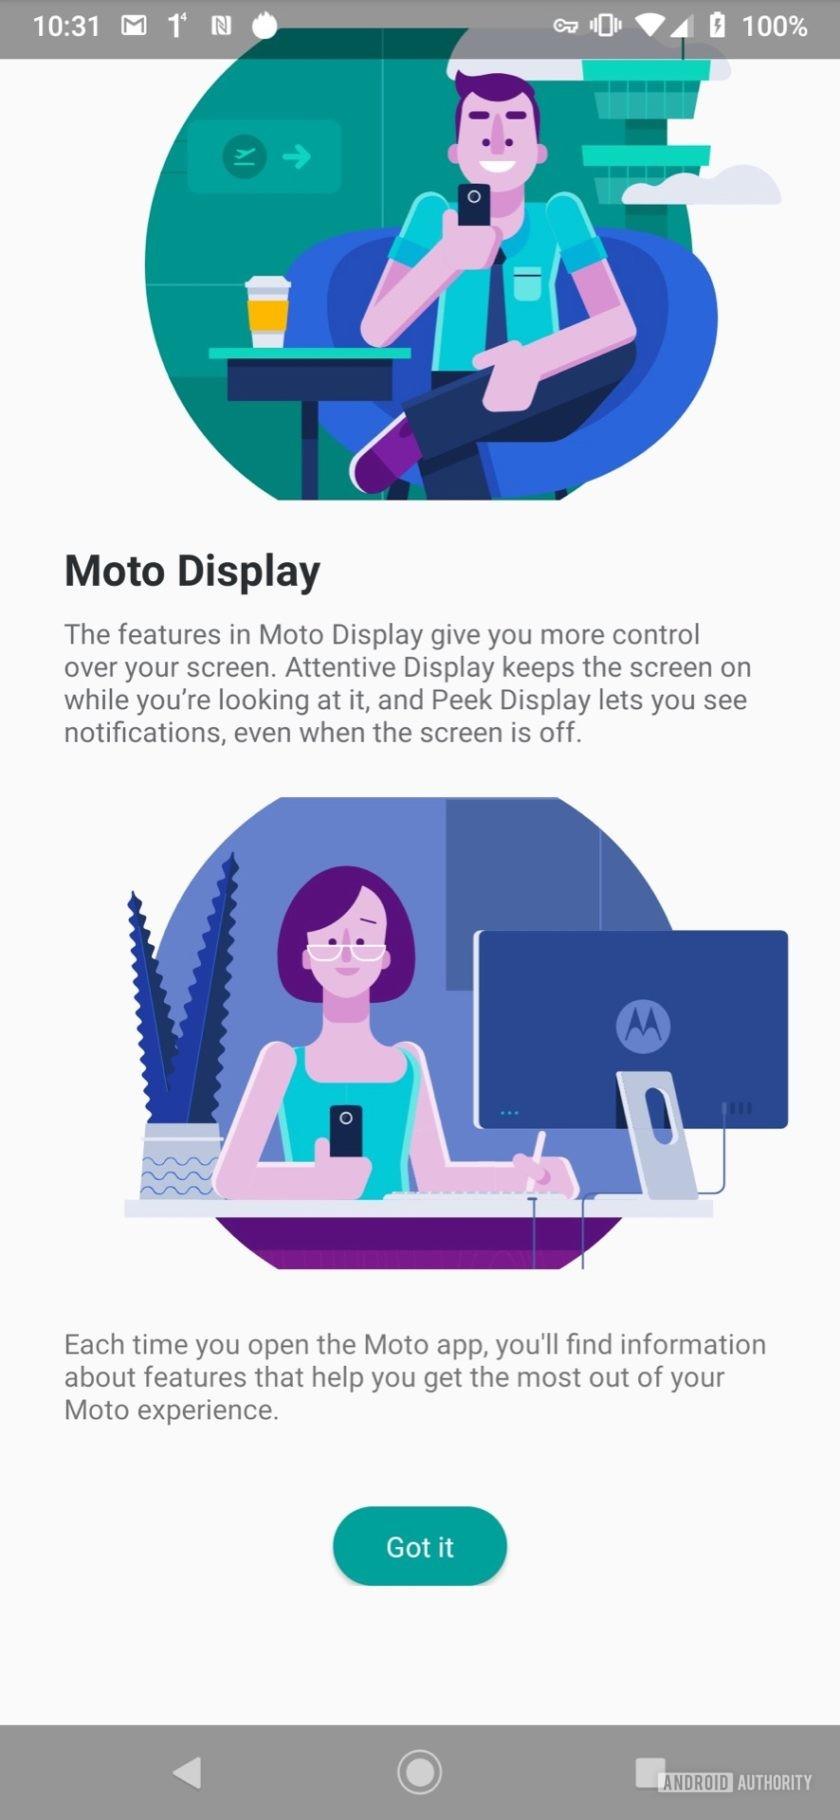 Motorola Moto Z4 Moto App options